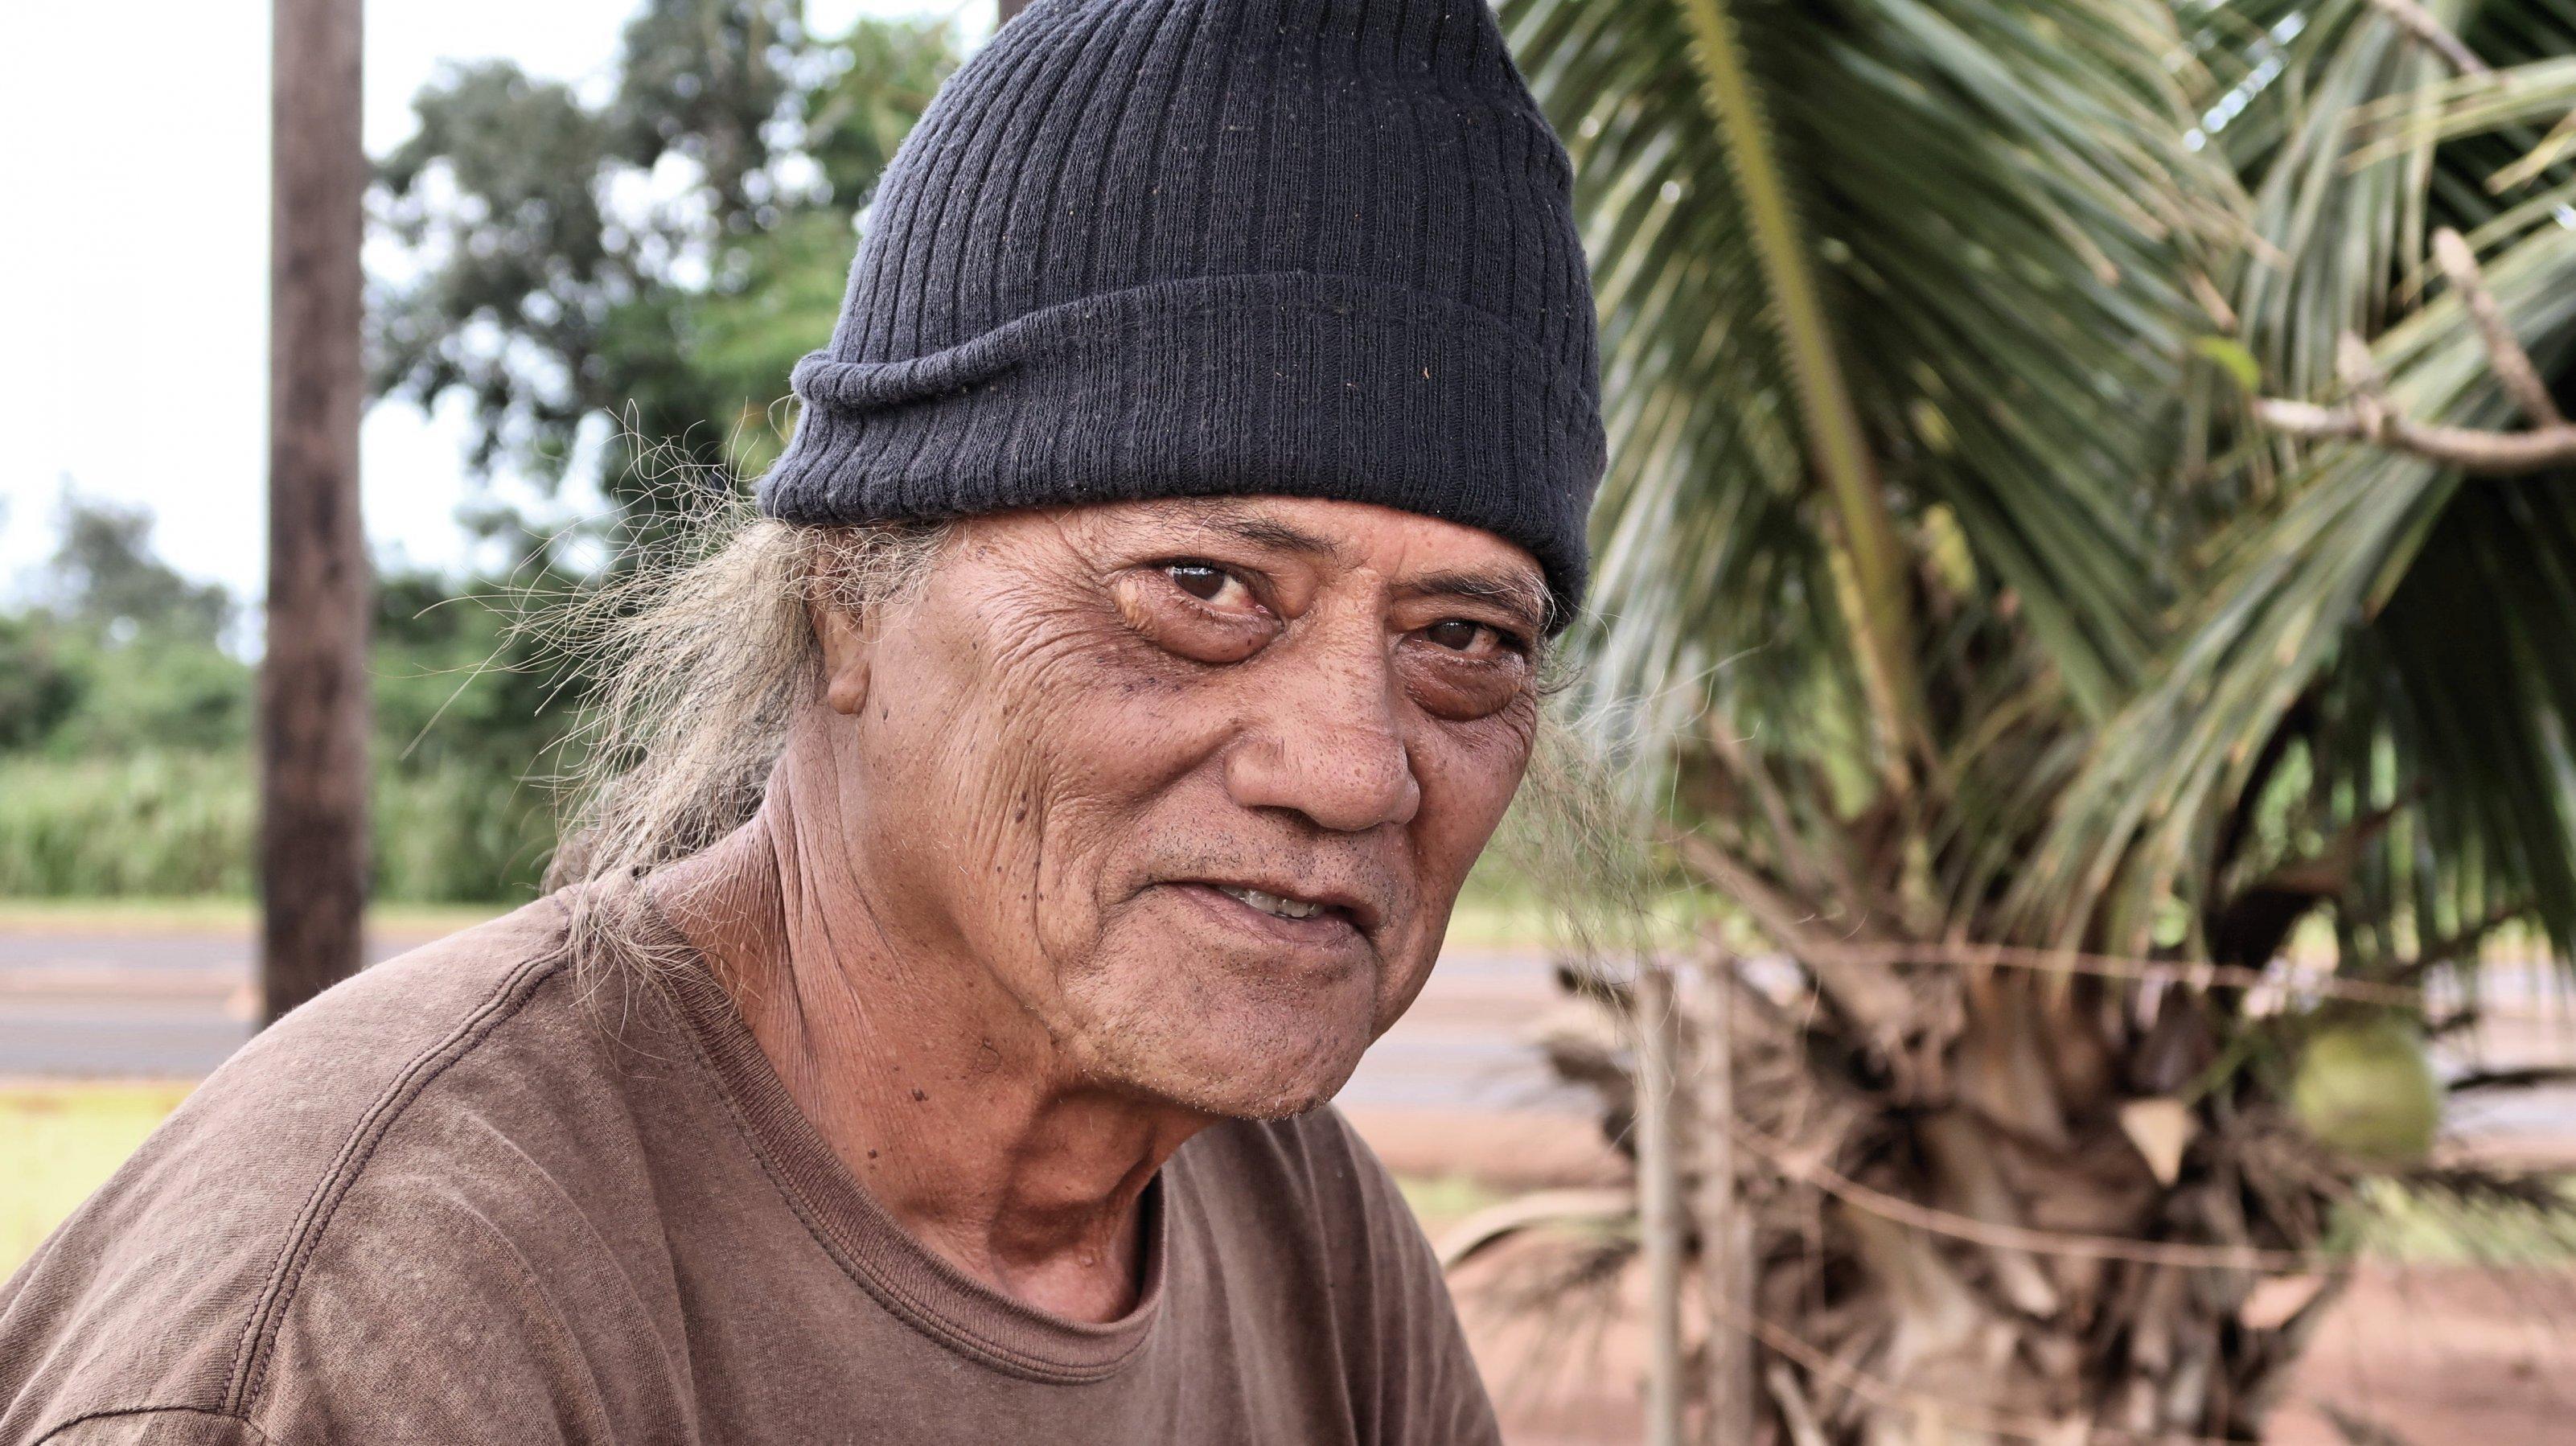 Nahaufnahme eines älteren Mannes